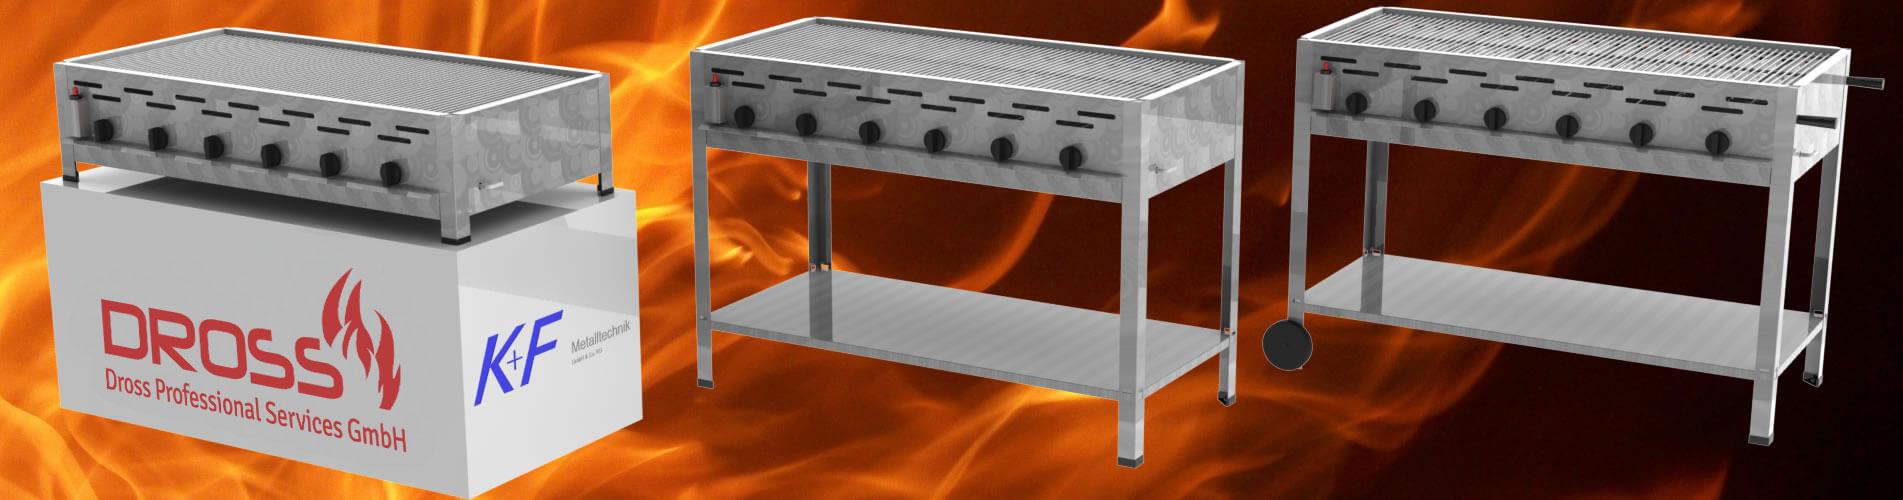 Gastrobräter als Tischgerät, Standgerät oder Standgerät mit Rollen